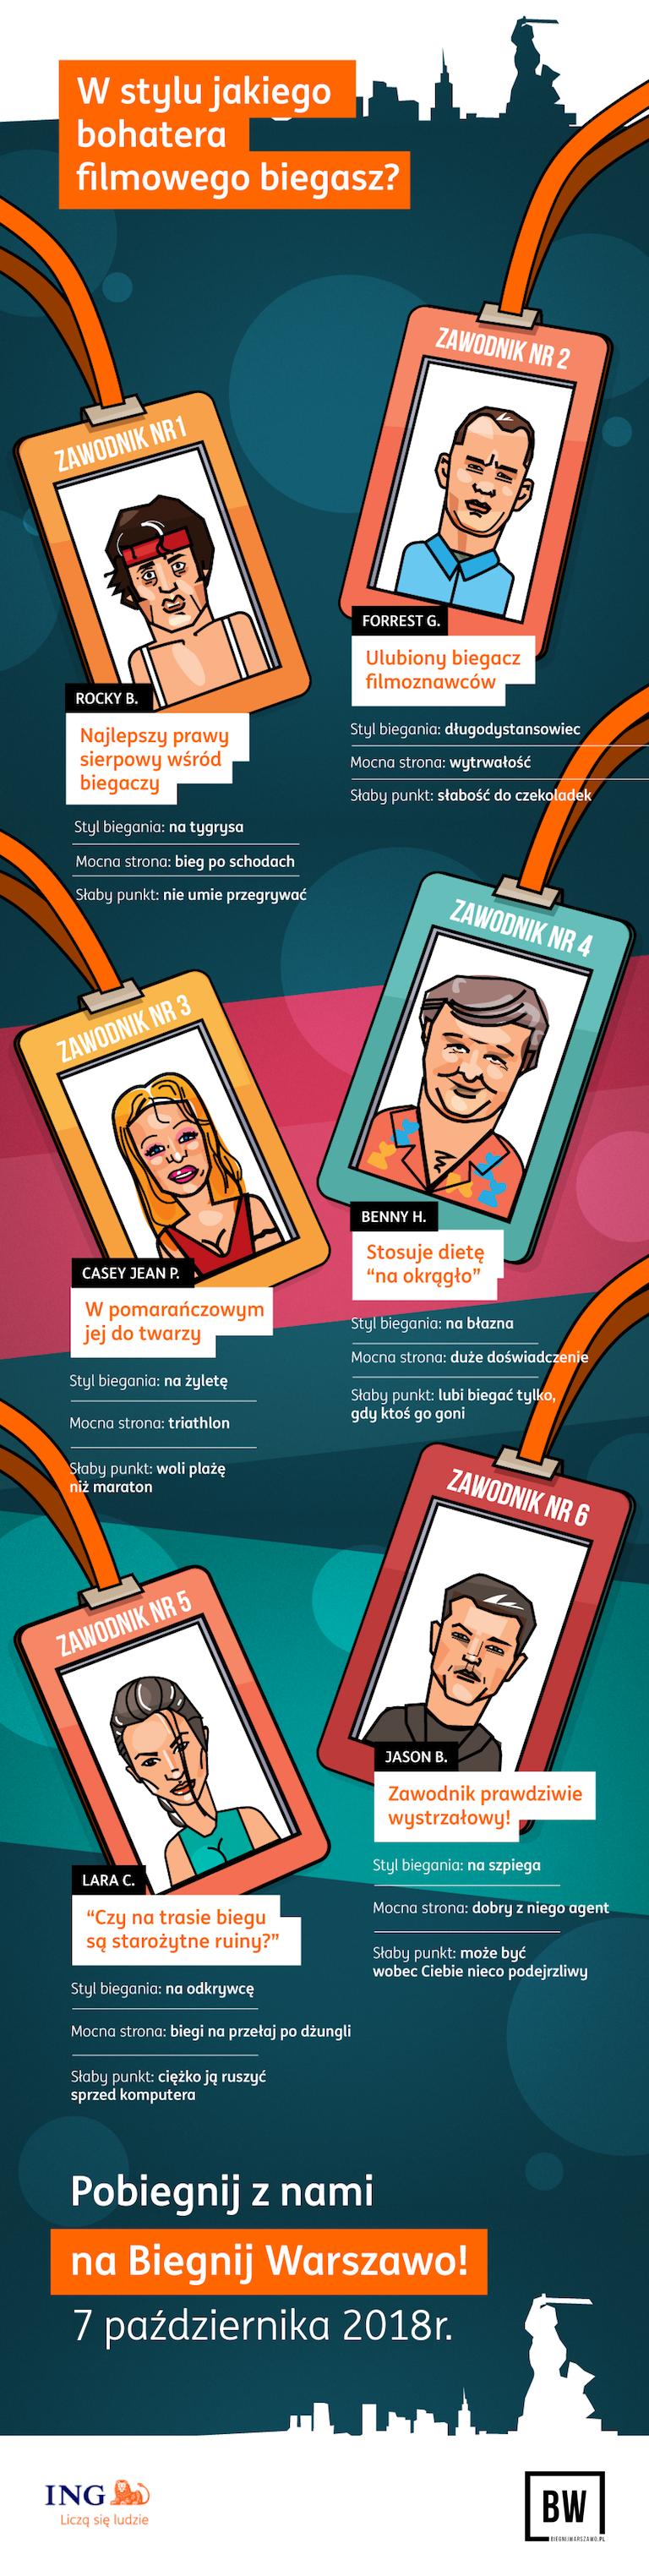 W stylu jakiego bohatera filmowego biegasz - infografika.png